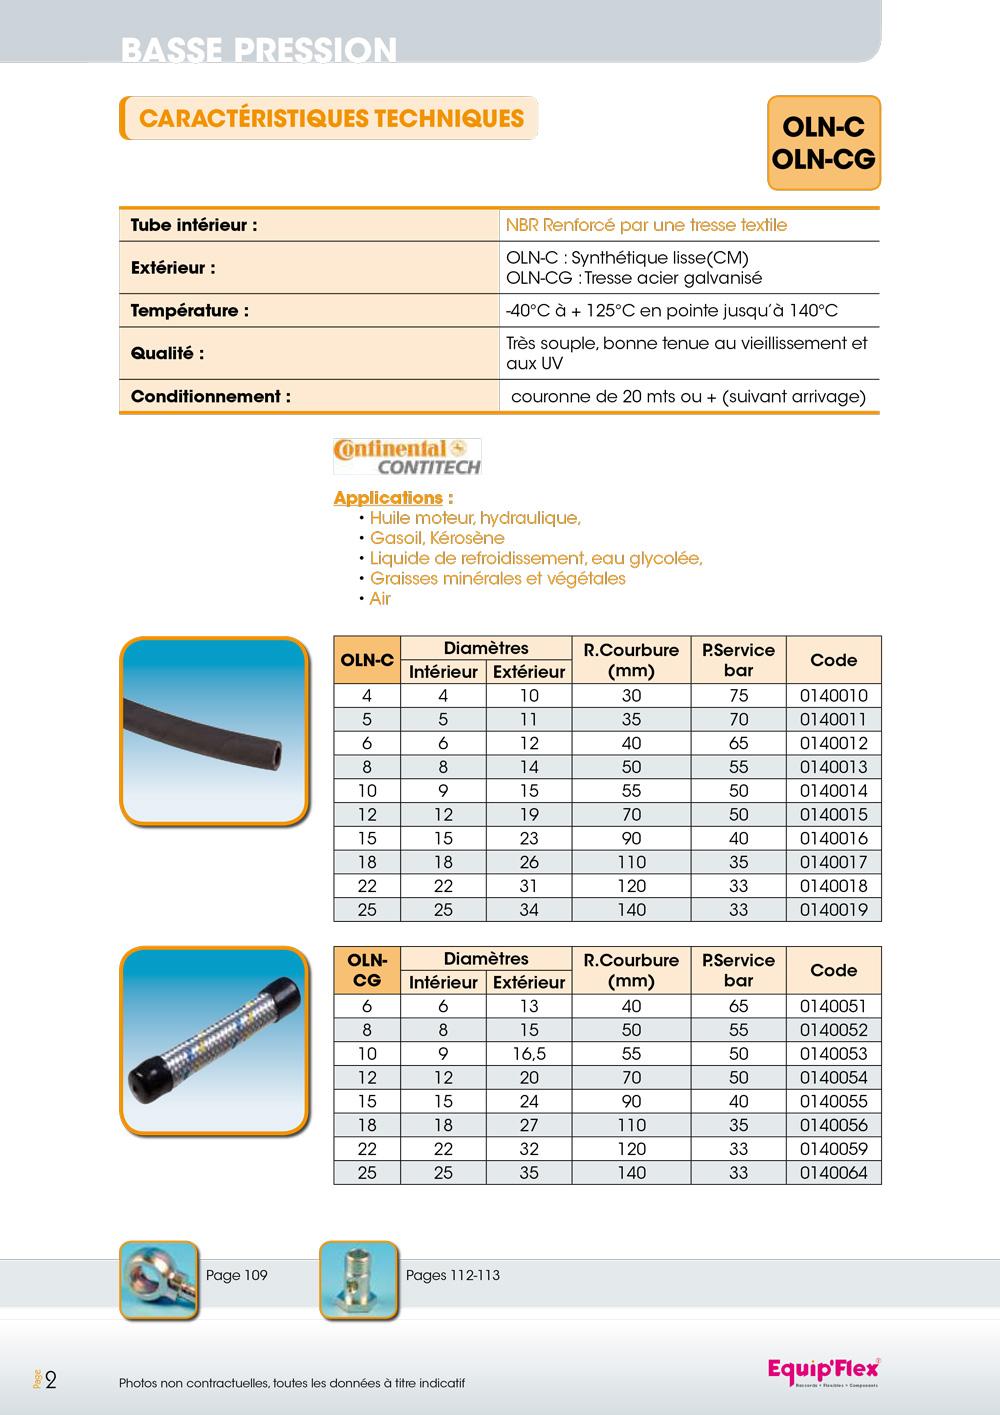 OLN - OLN tressé Applications : - Huile moteur hydraulique - Gasoil, Kérosène - Liquide de refroidissement, eau glycolée - Graisses minérales et végétales - Air